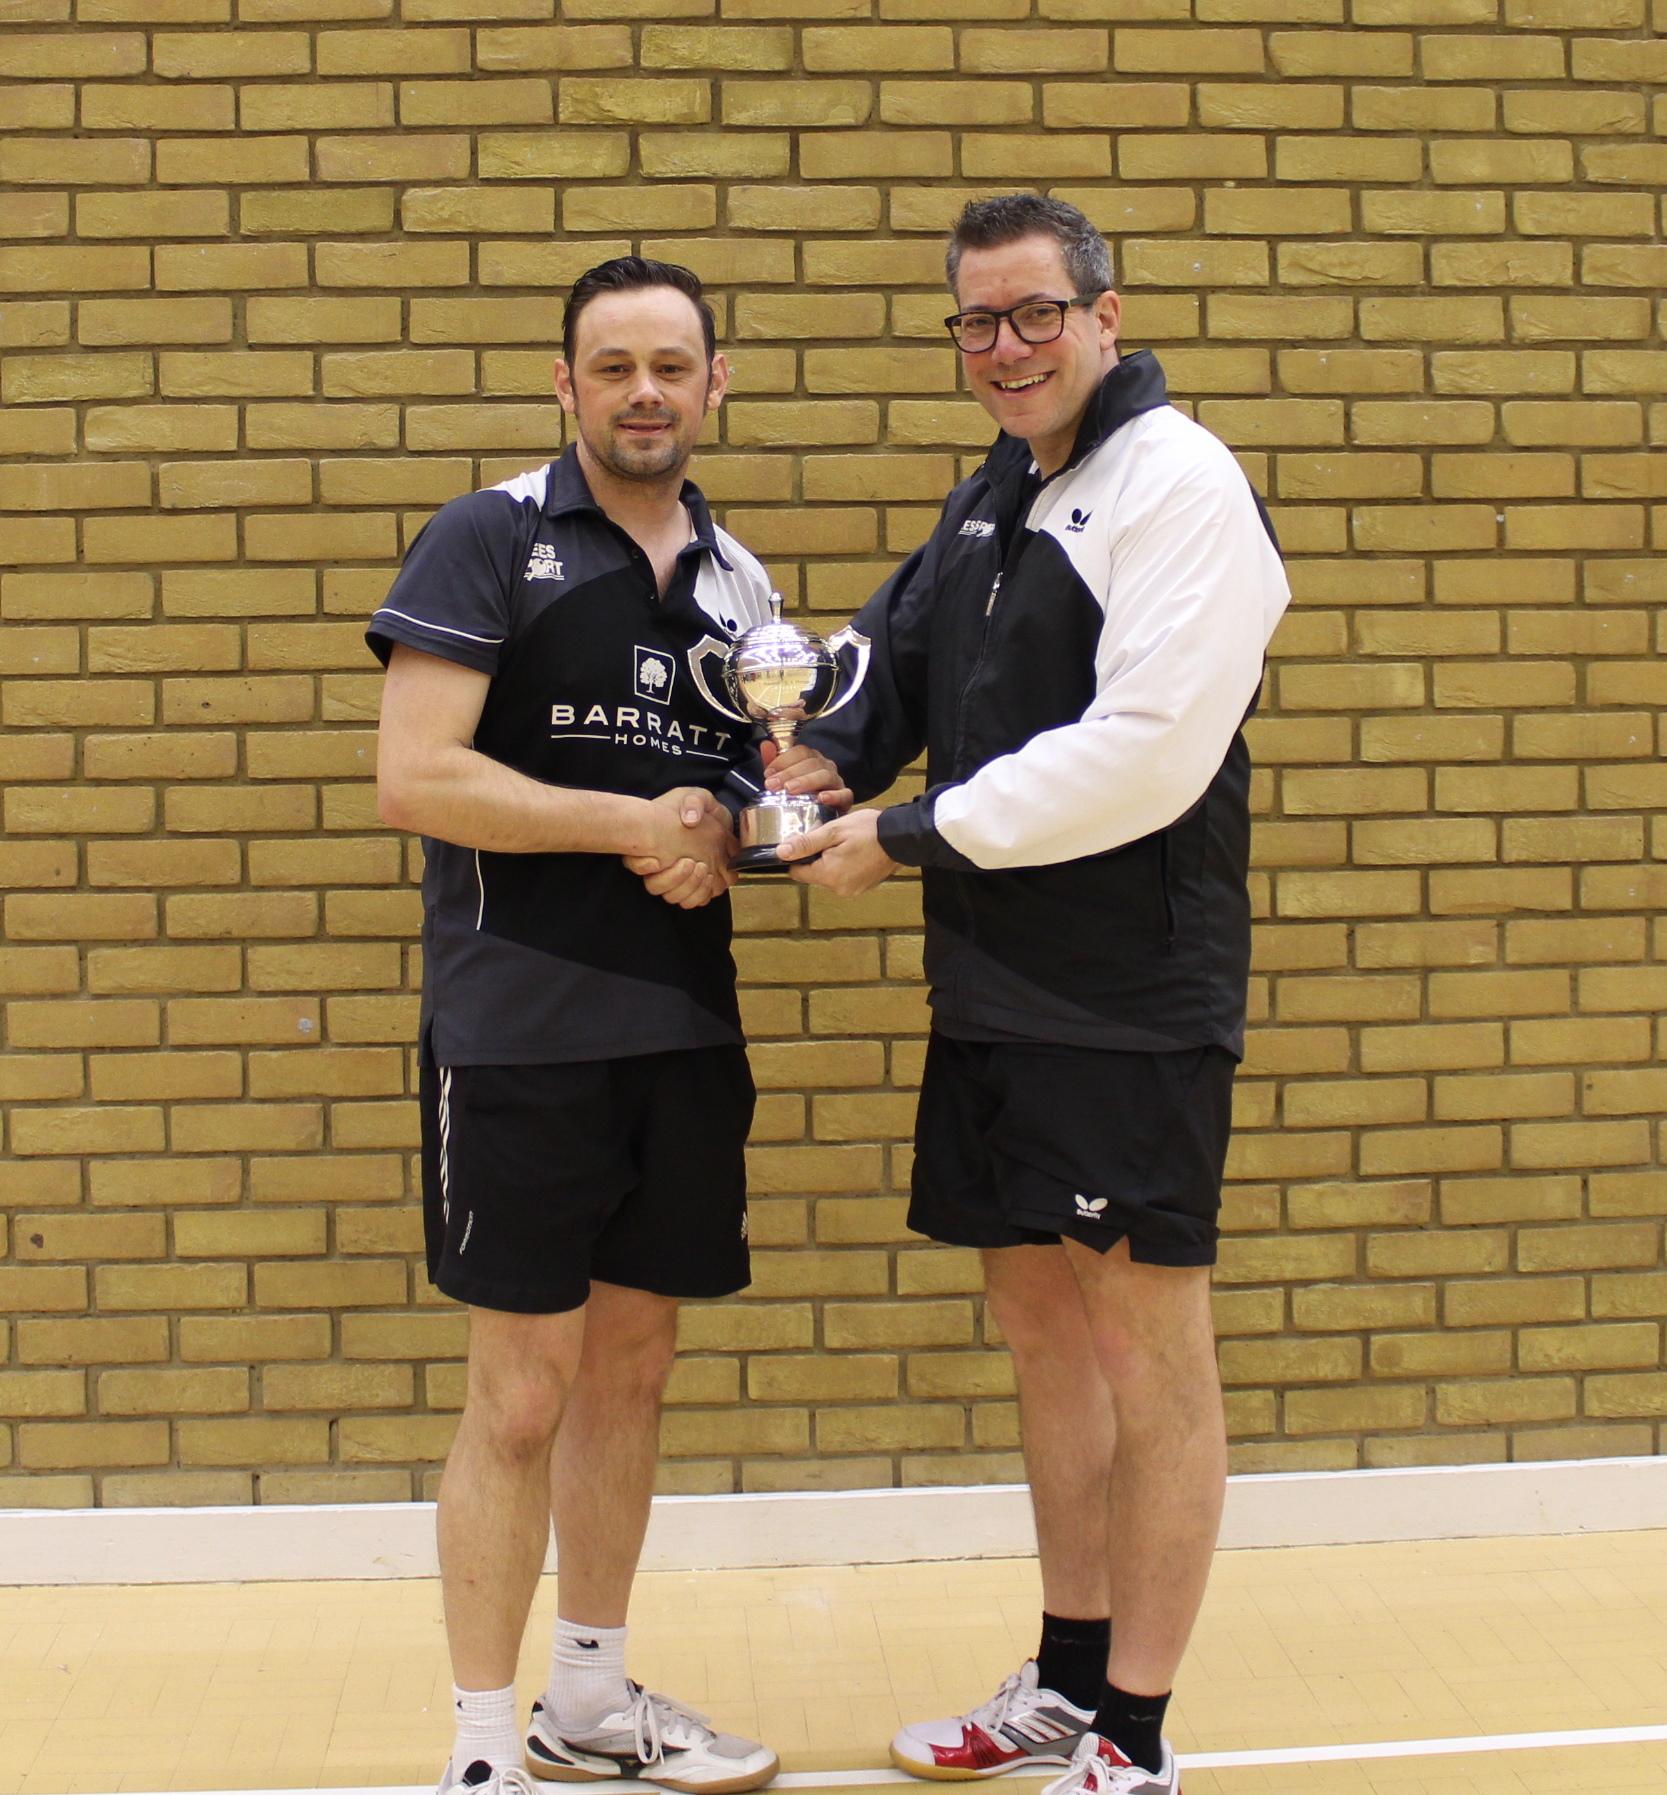 Winner of Senior Trophy